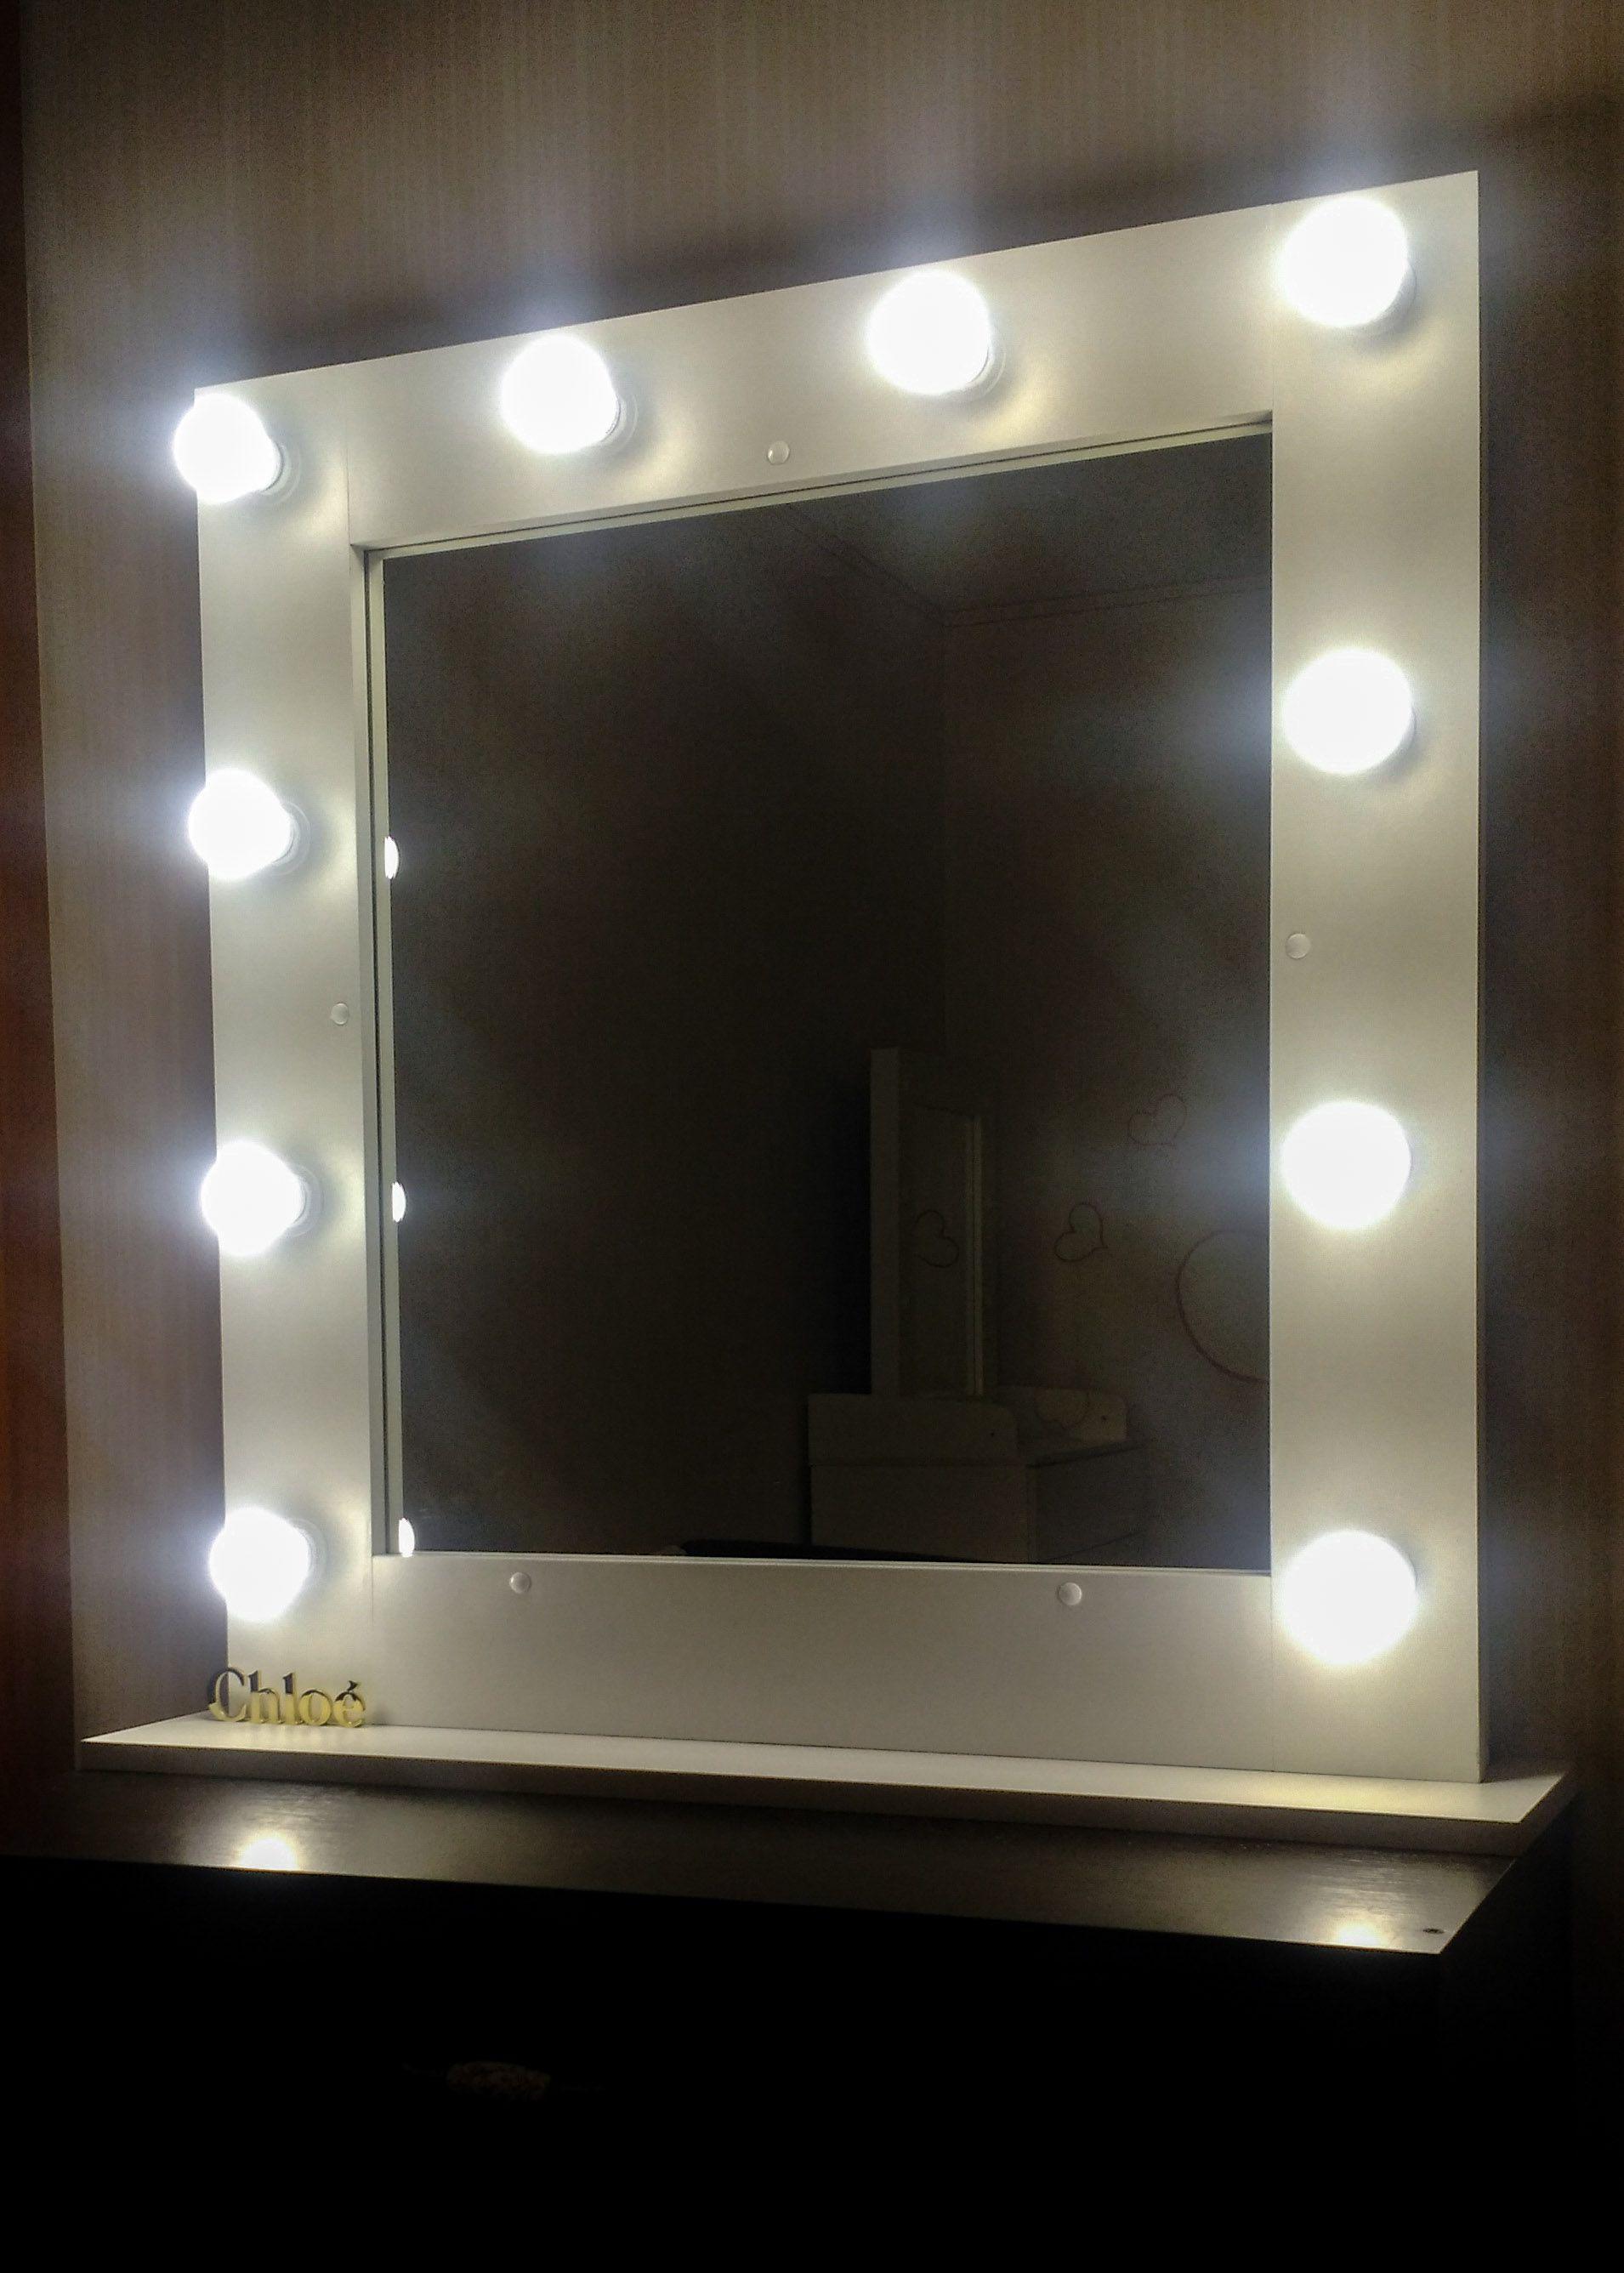 мебель селфизеркало гримерноезеркало зеркалосподсветкой зеркаловизажиста гримерныйстол интерьер подарок